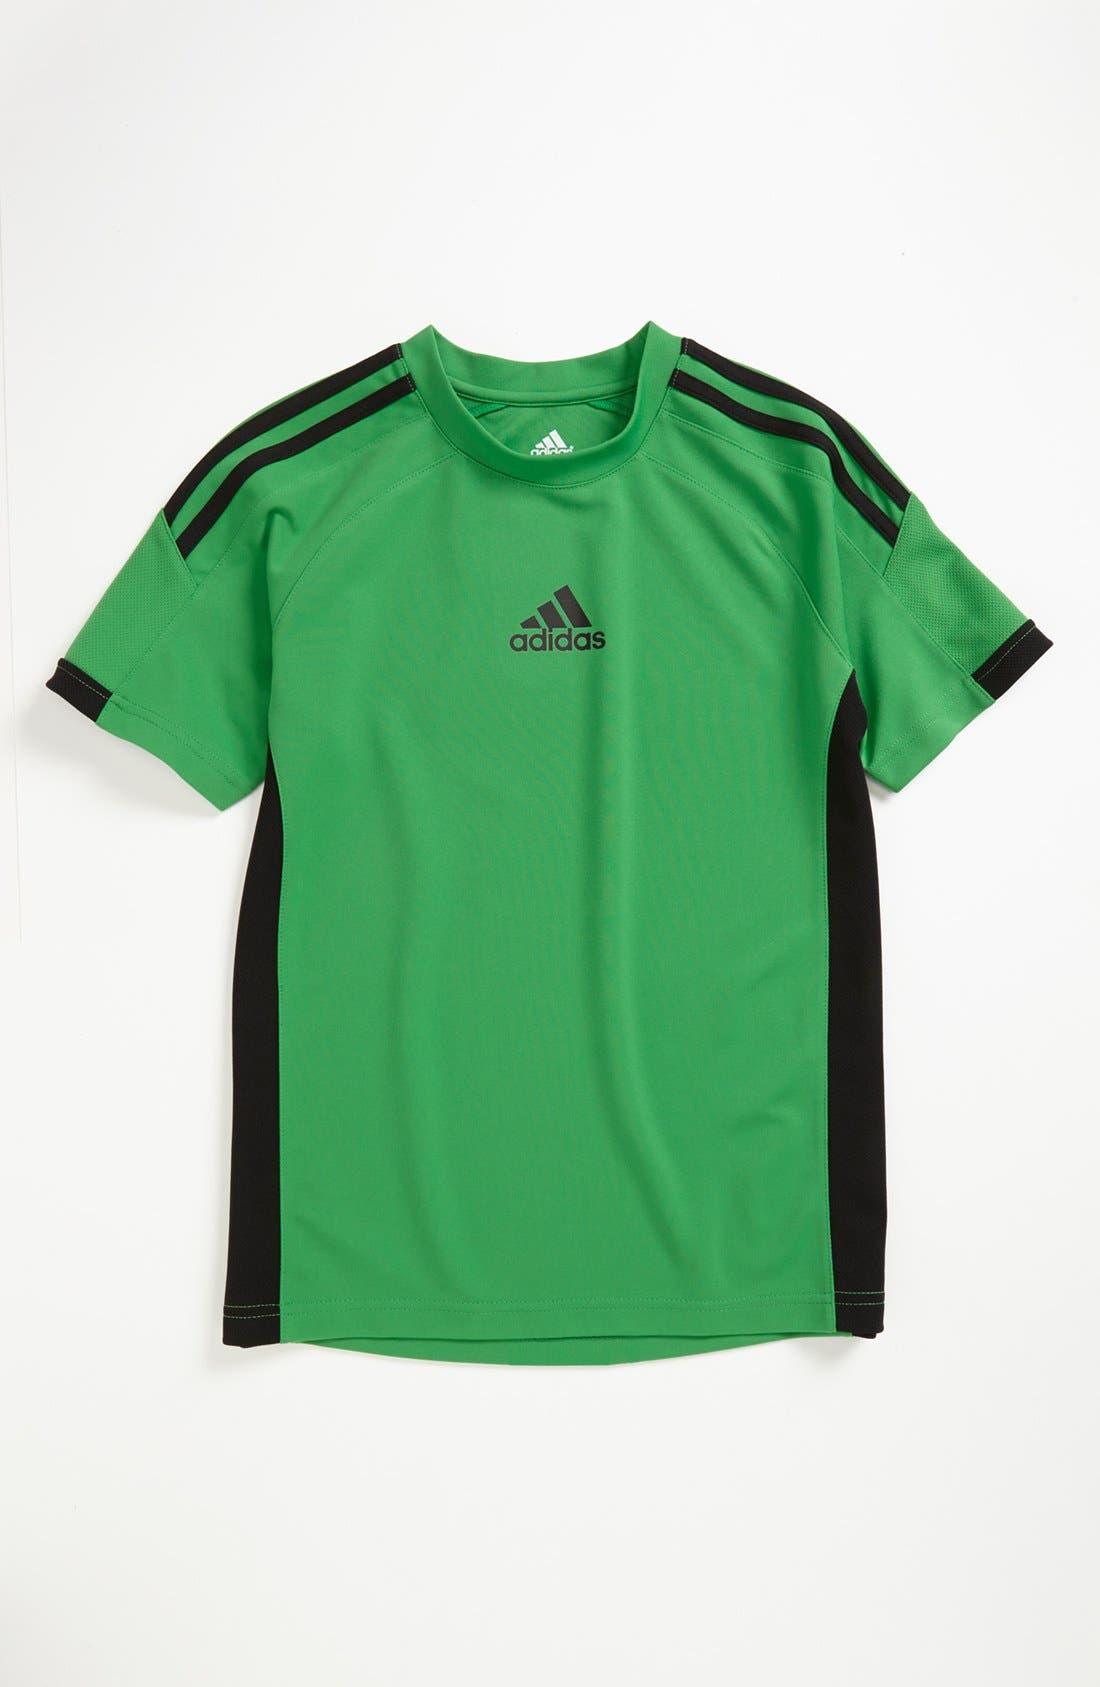 Main Image - adidas 'Special Event' T-Shirt (Big Boys)